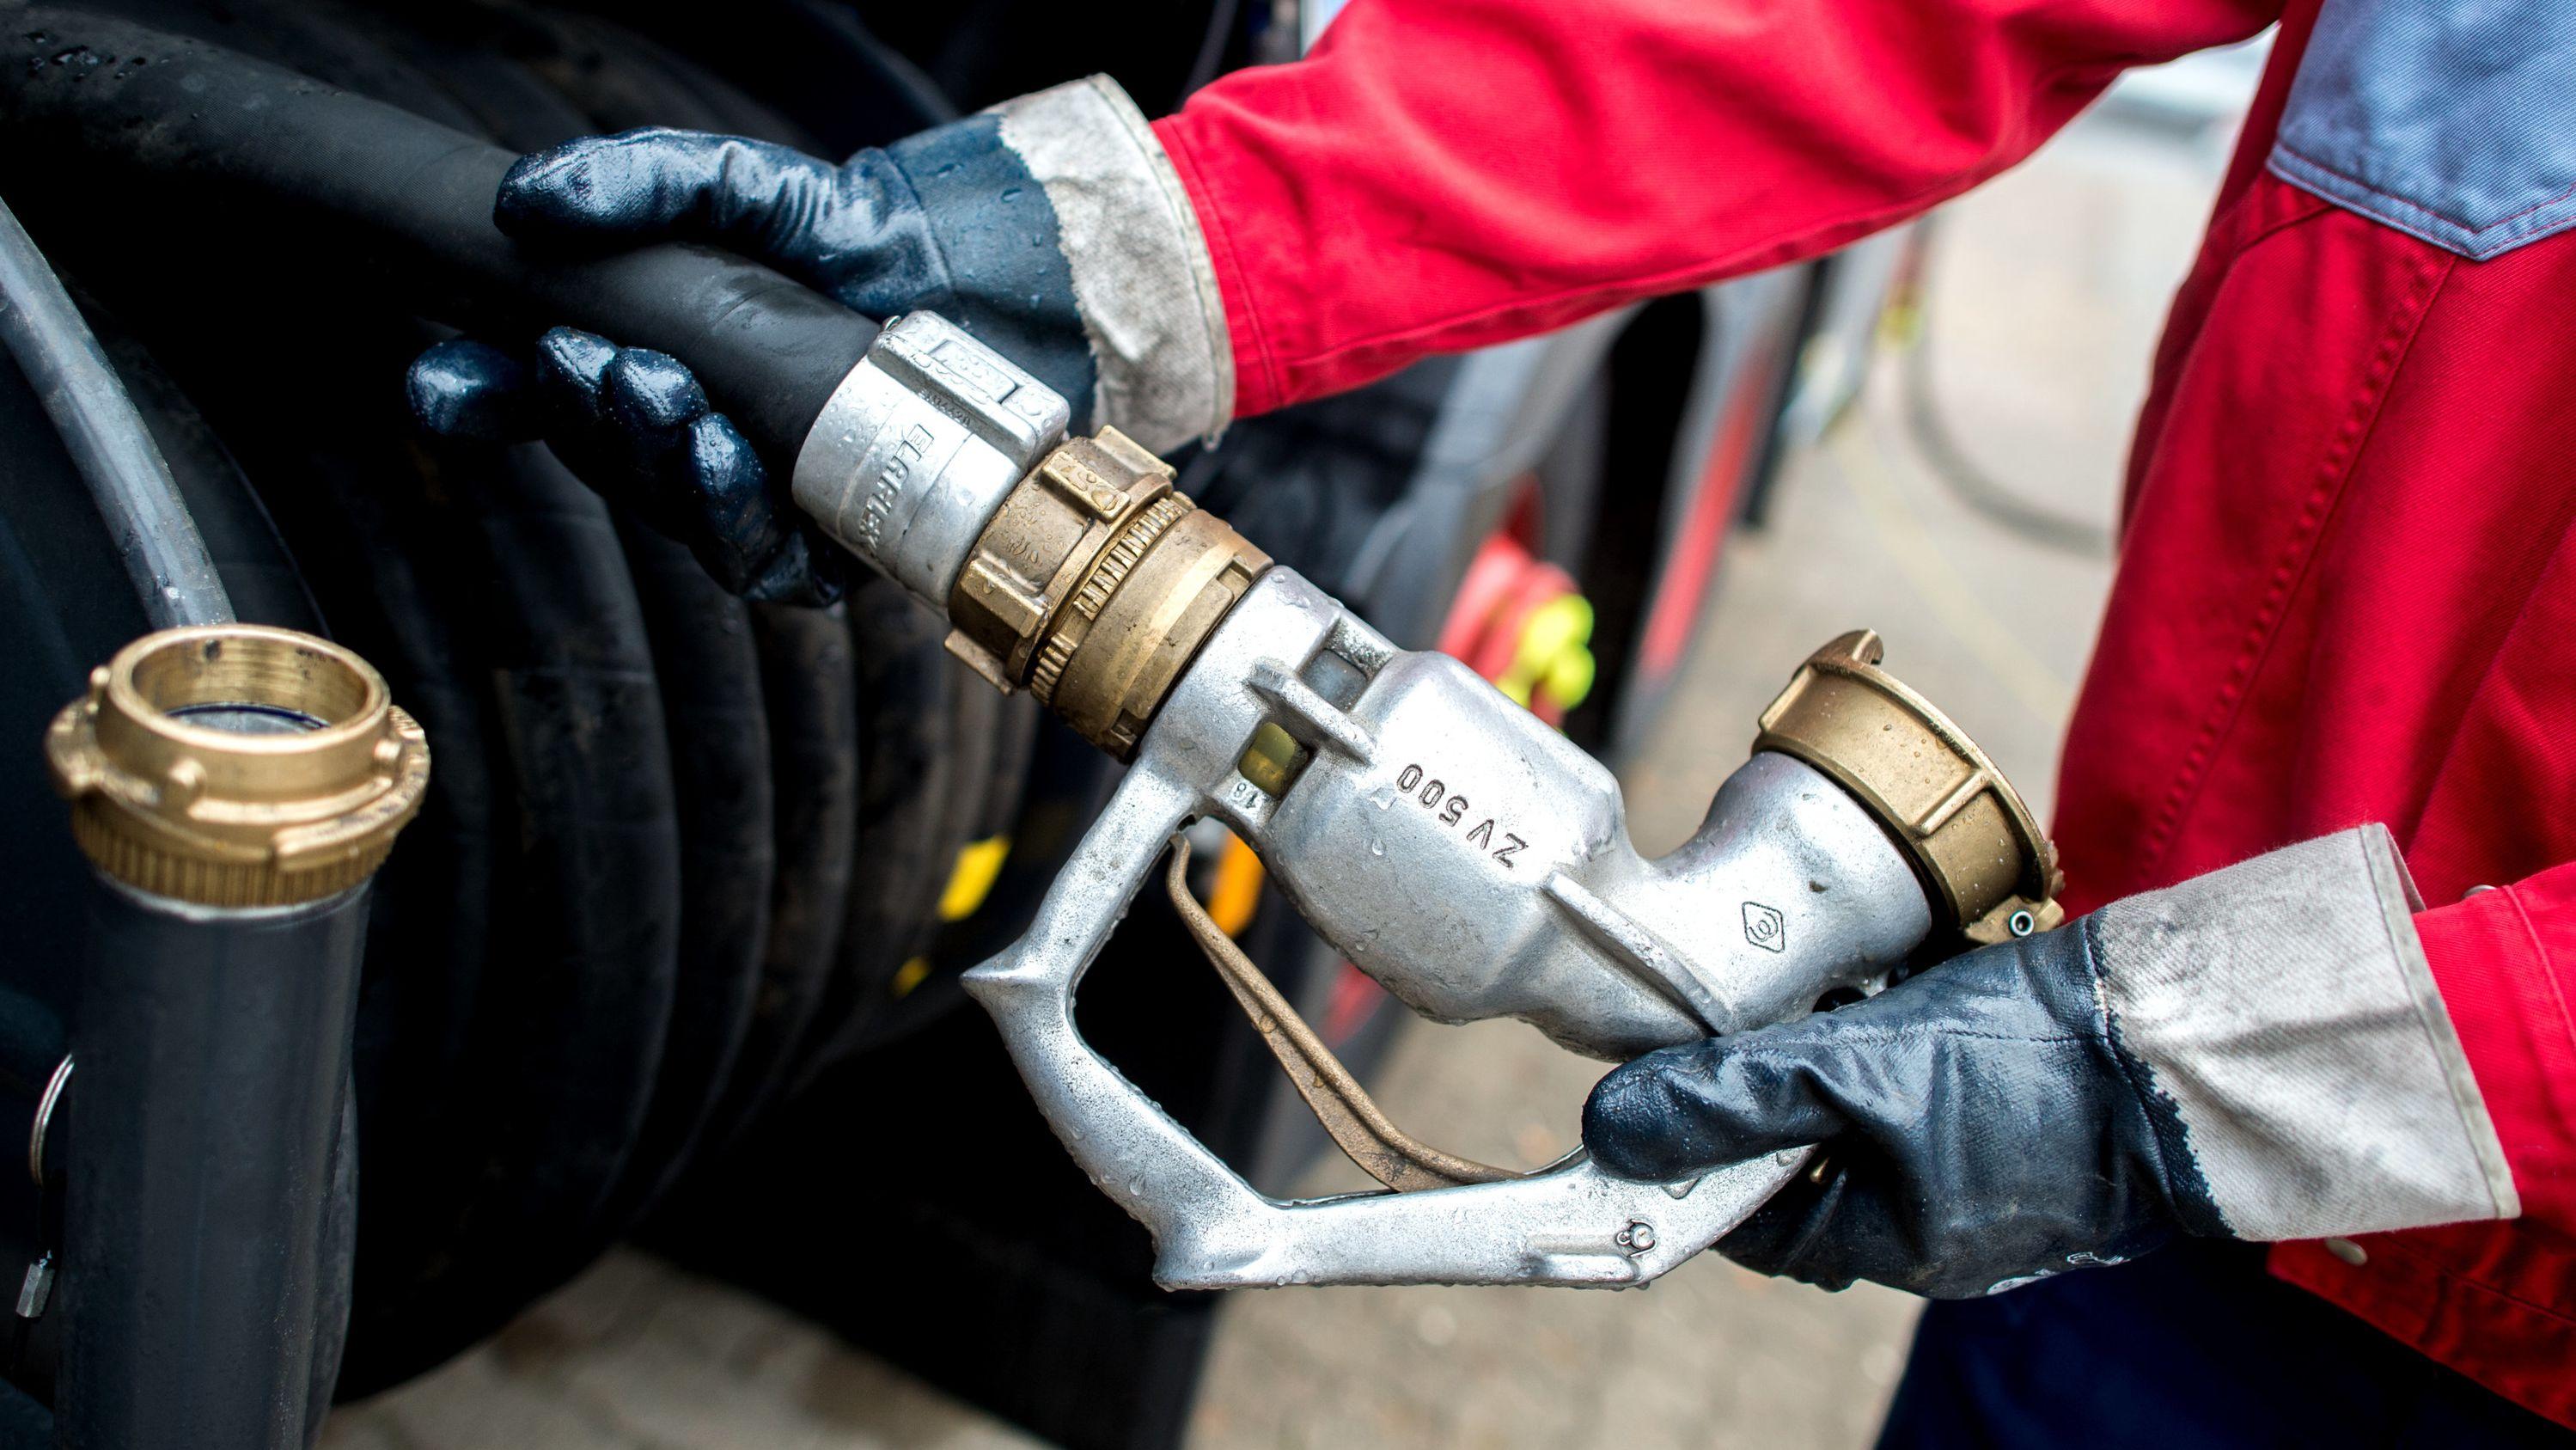 Der Fahrer eines Heizöllieferanten hält die Zapfpistole eines Tanklasters für die Auslieferung von Heizöl in den Händen.